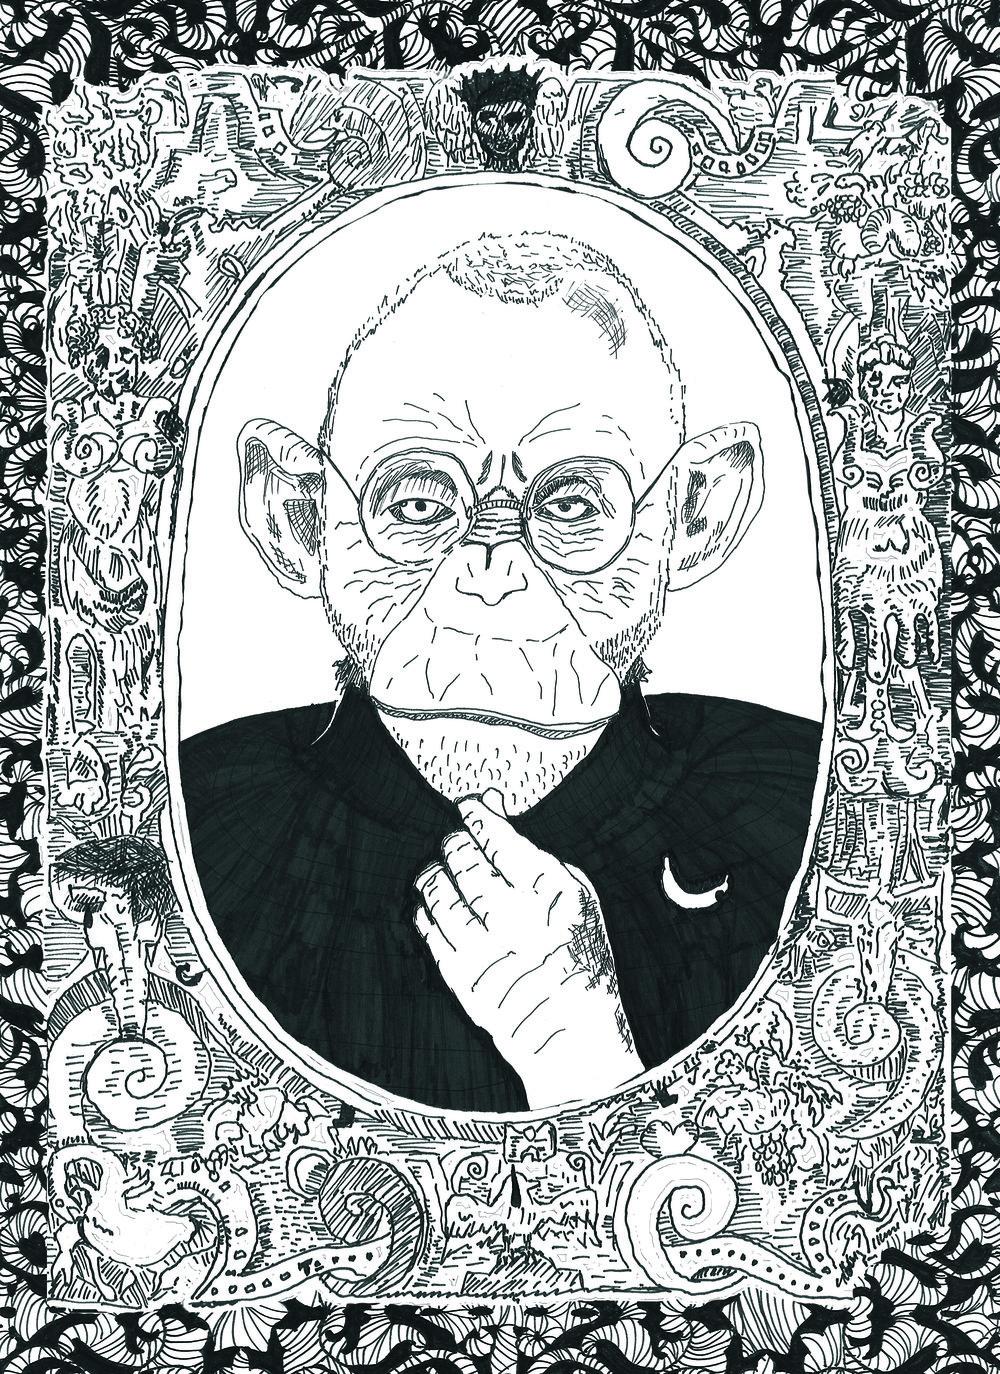 Anti_08_chimp.jpg